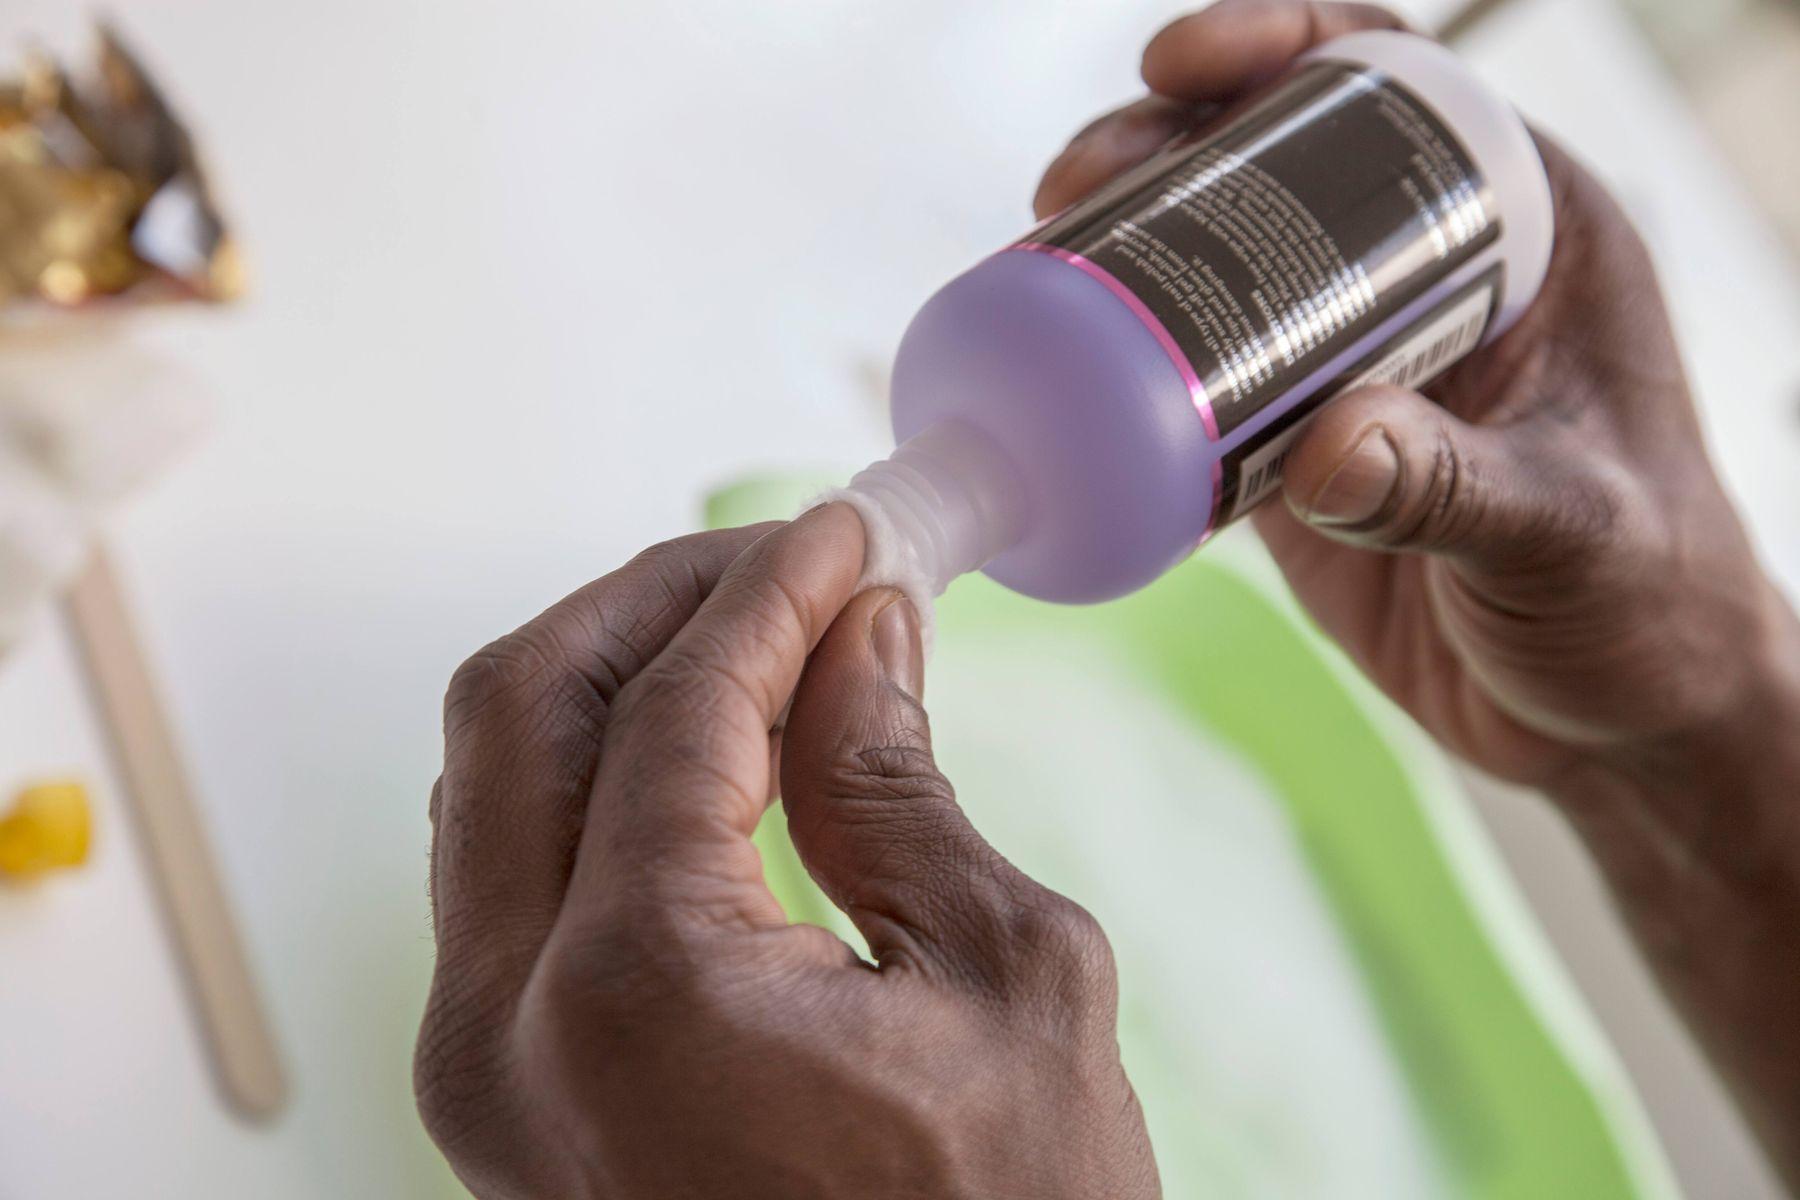 aseton kullanarak çift taraflı bant çıkarma